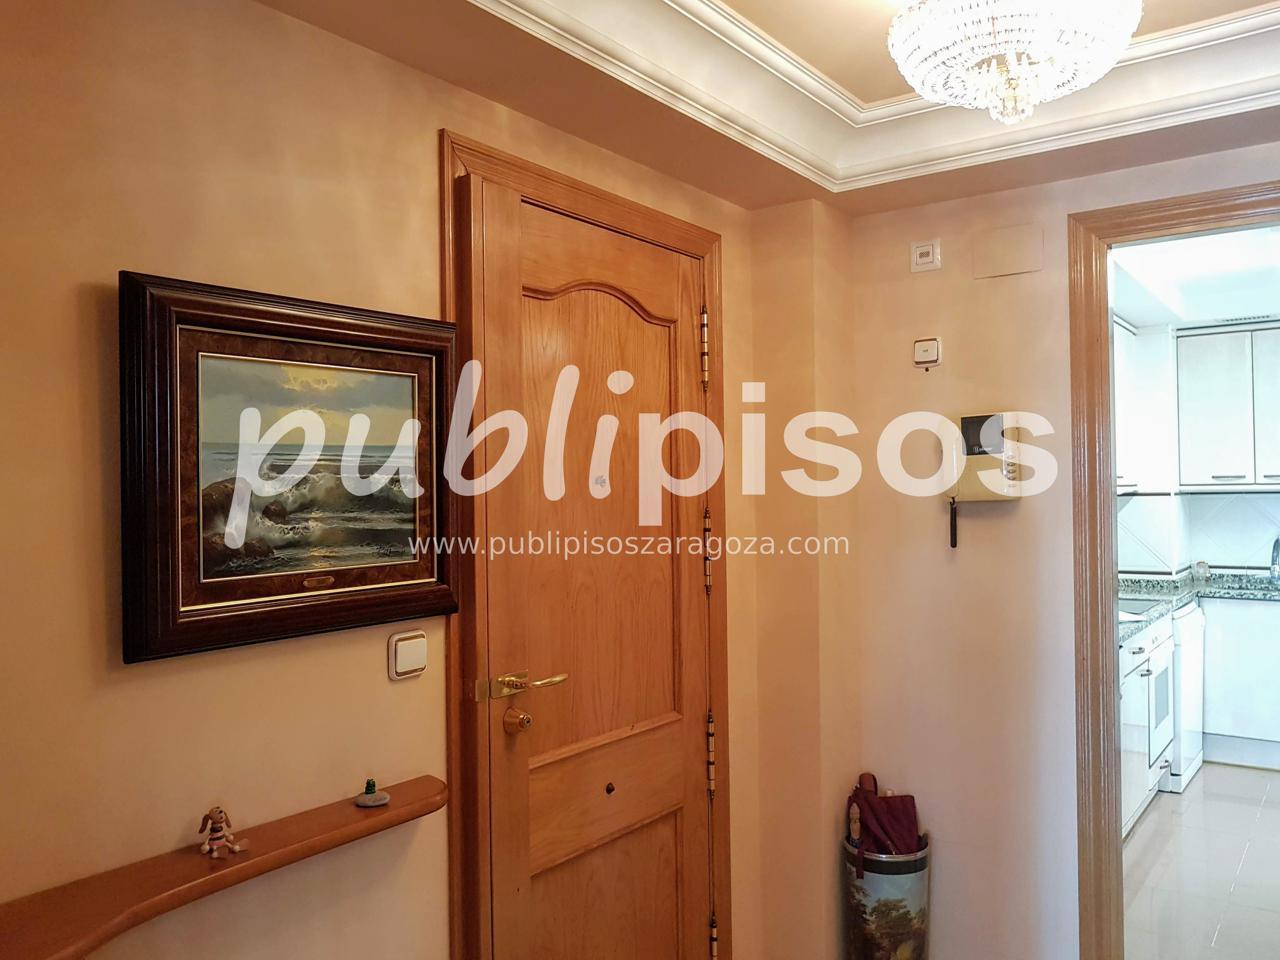 Alquiler piso ático Actur Zaragoza-24